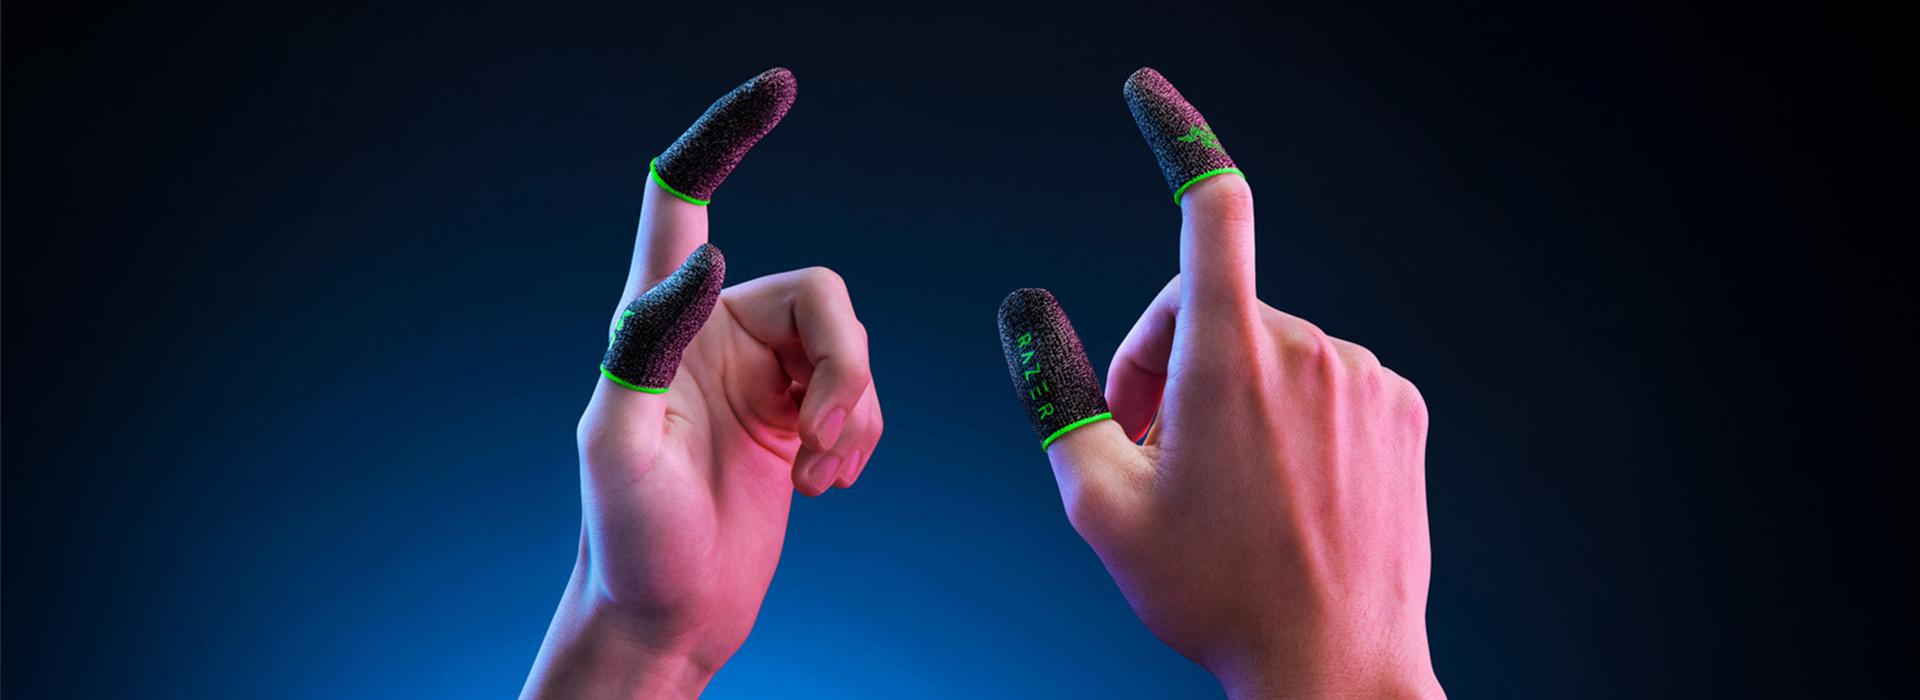 razer-gaming-finger-sleeve-usp3-desktop.